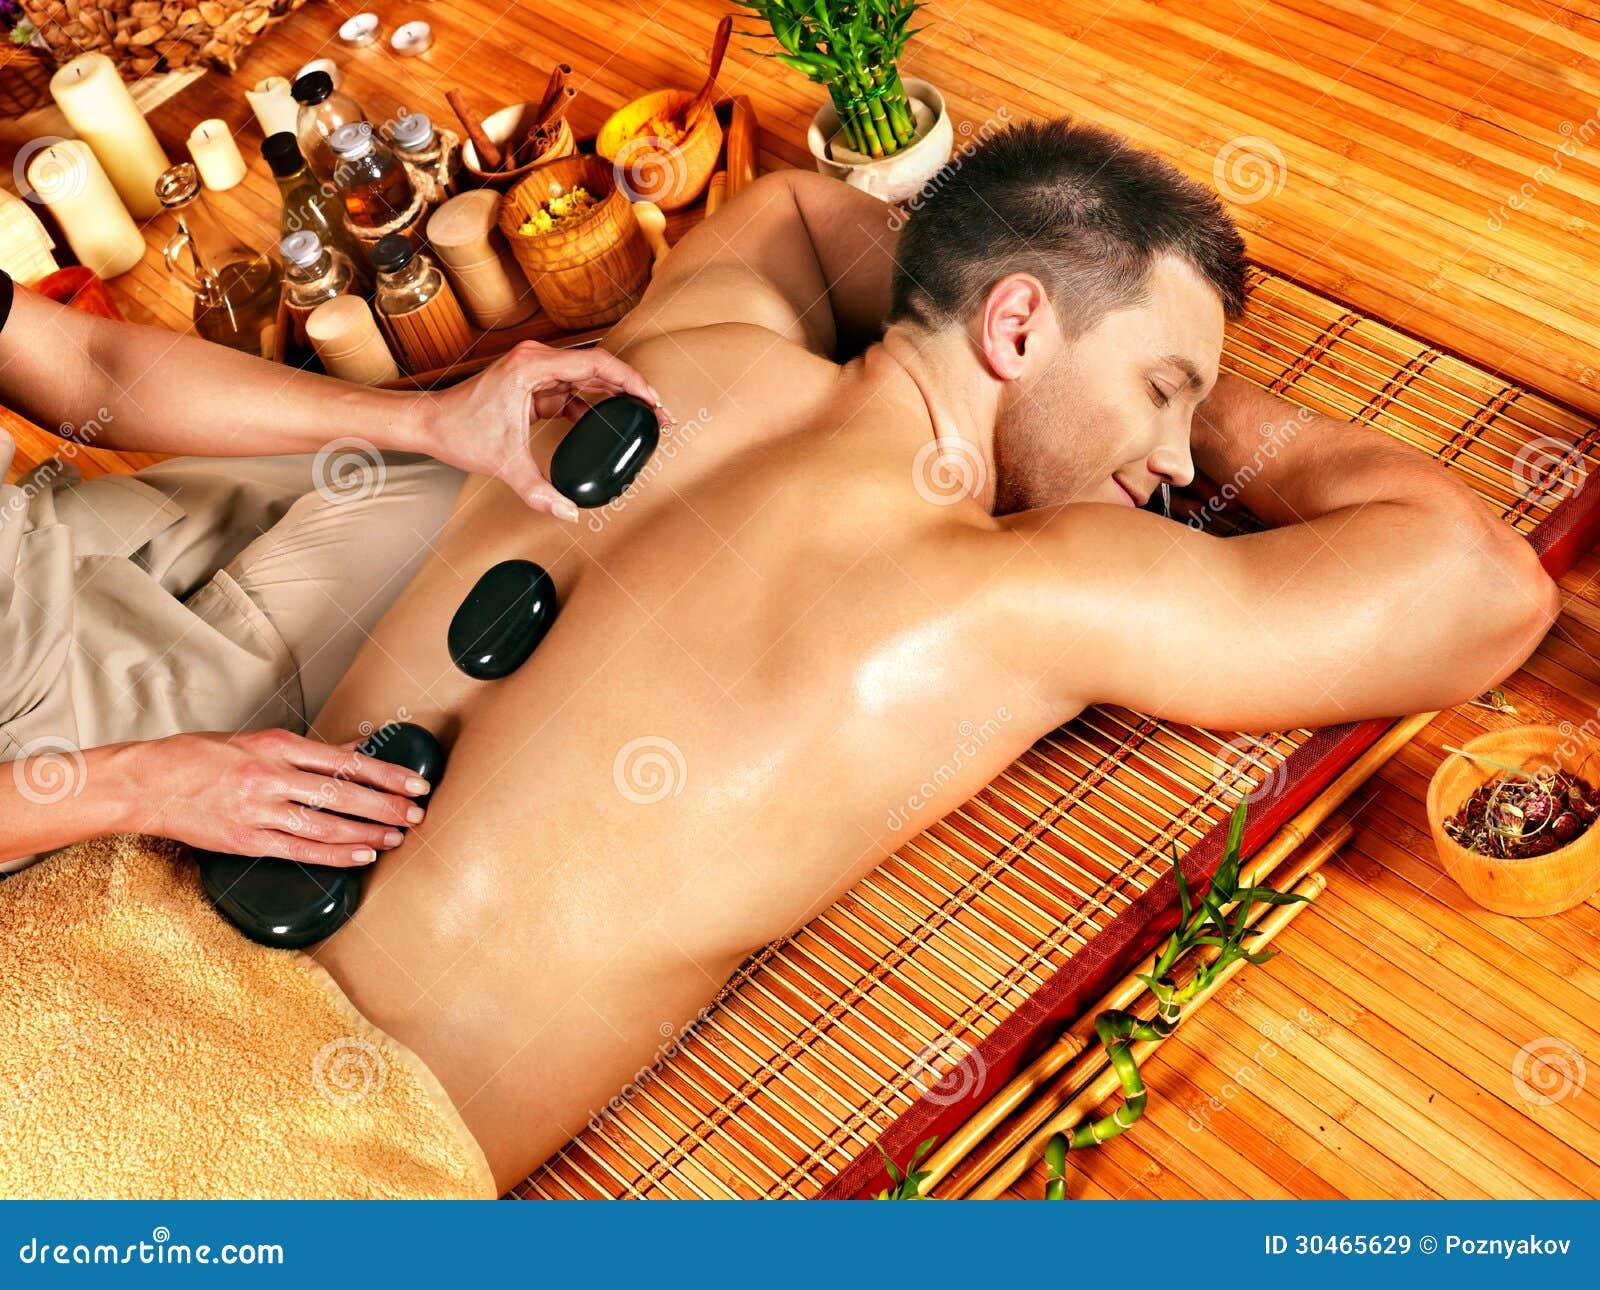 Шикарный массаж для парня 3 фотография